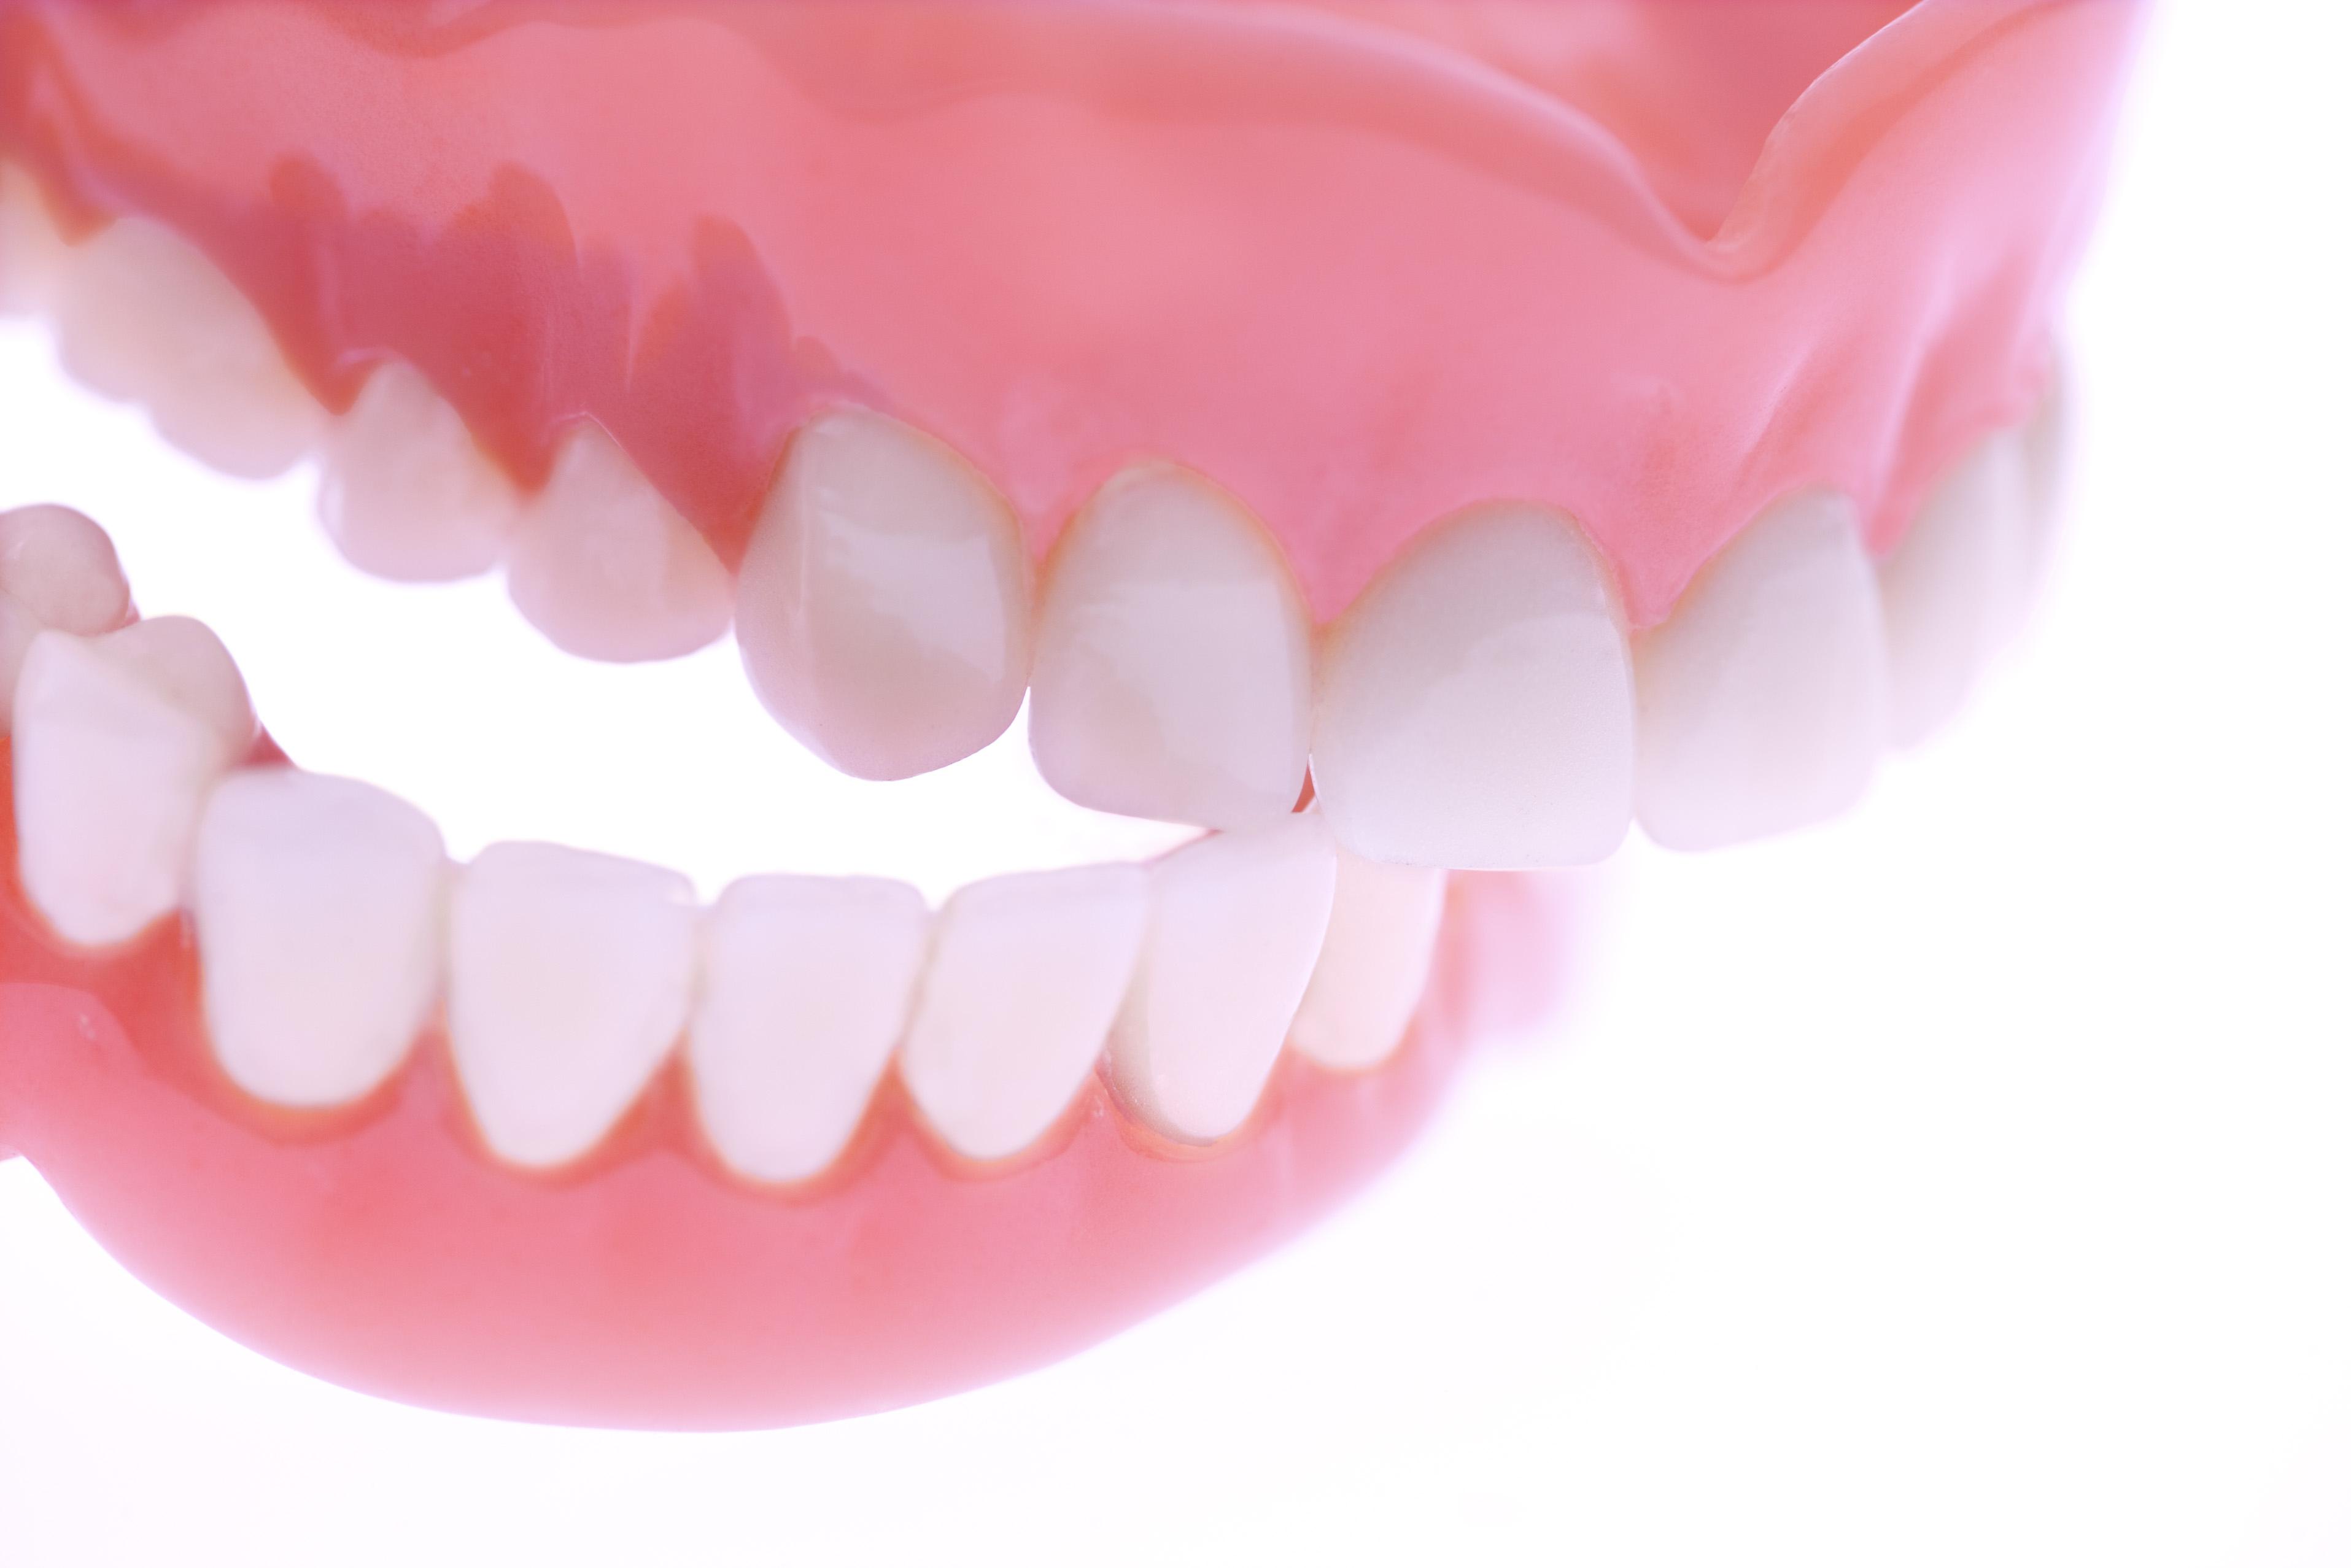 снимается картинки про вставные зубы гостиница